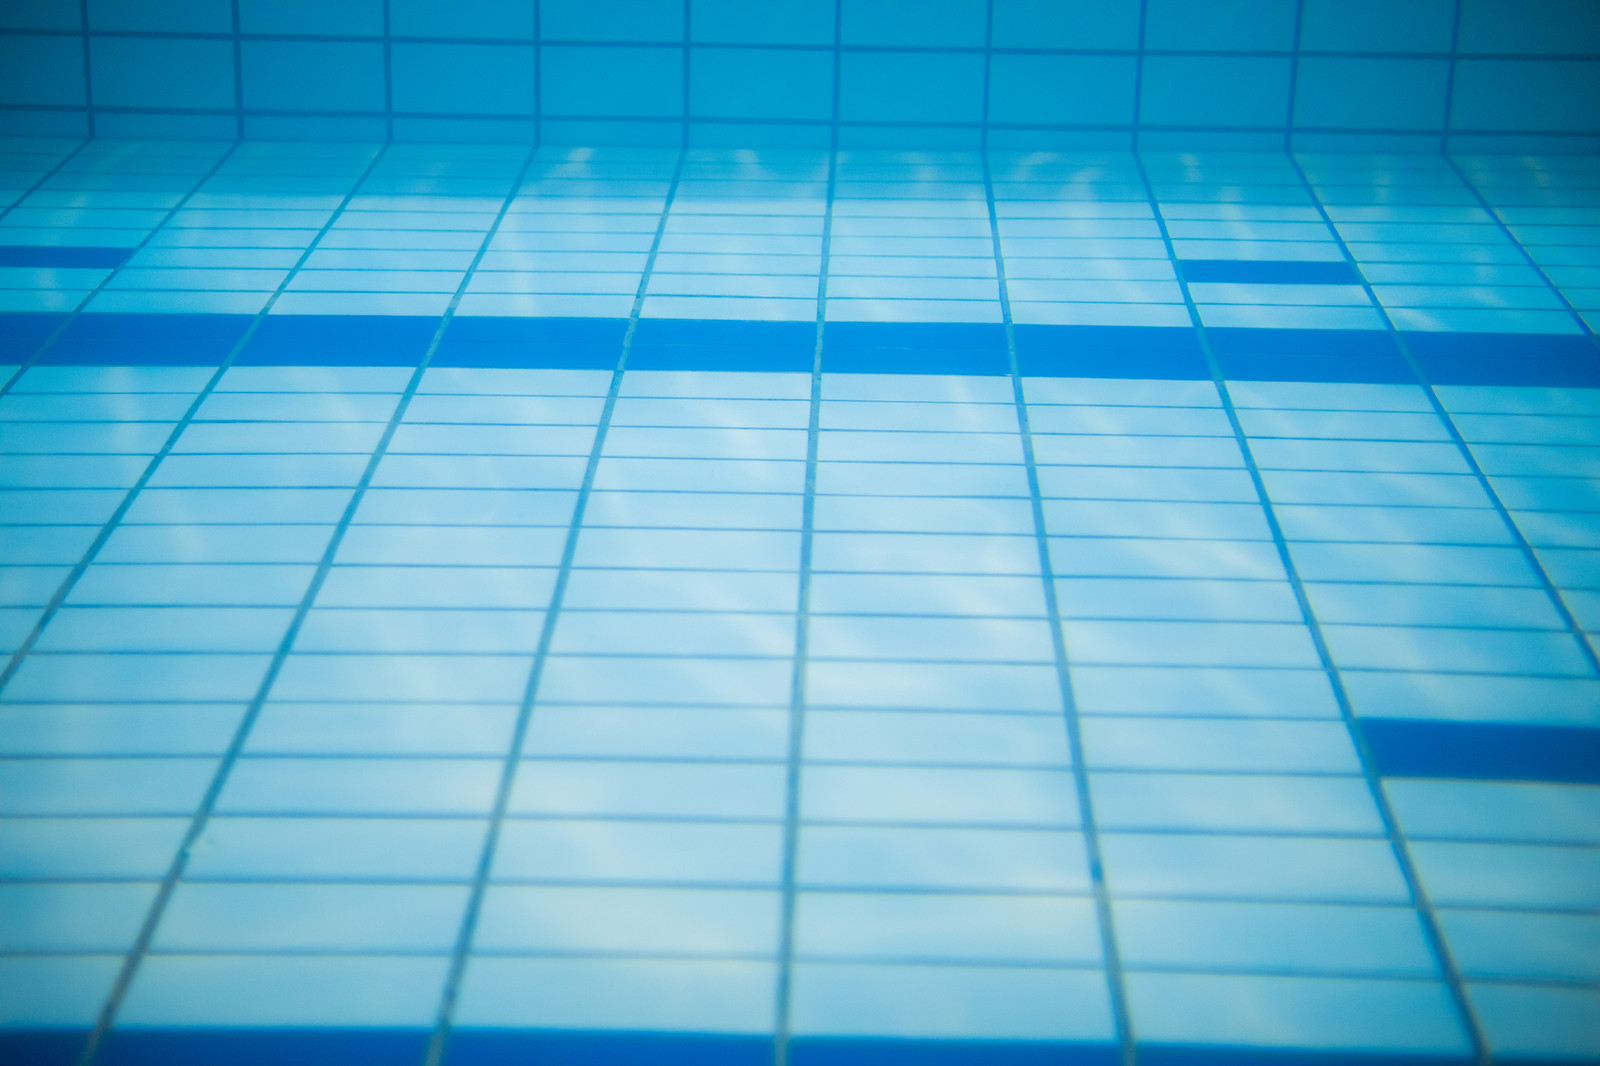 「プールの中プールの中」のフリー写真素材を拡大